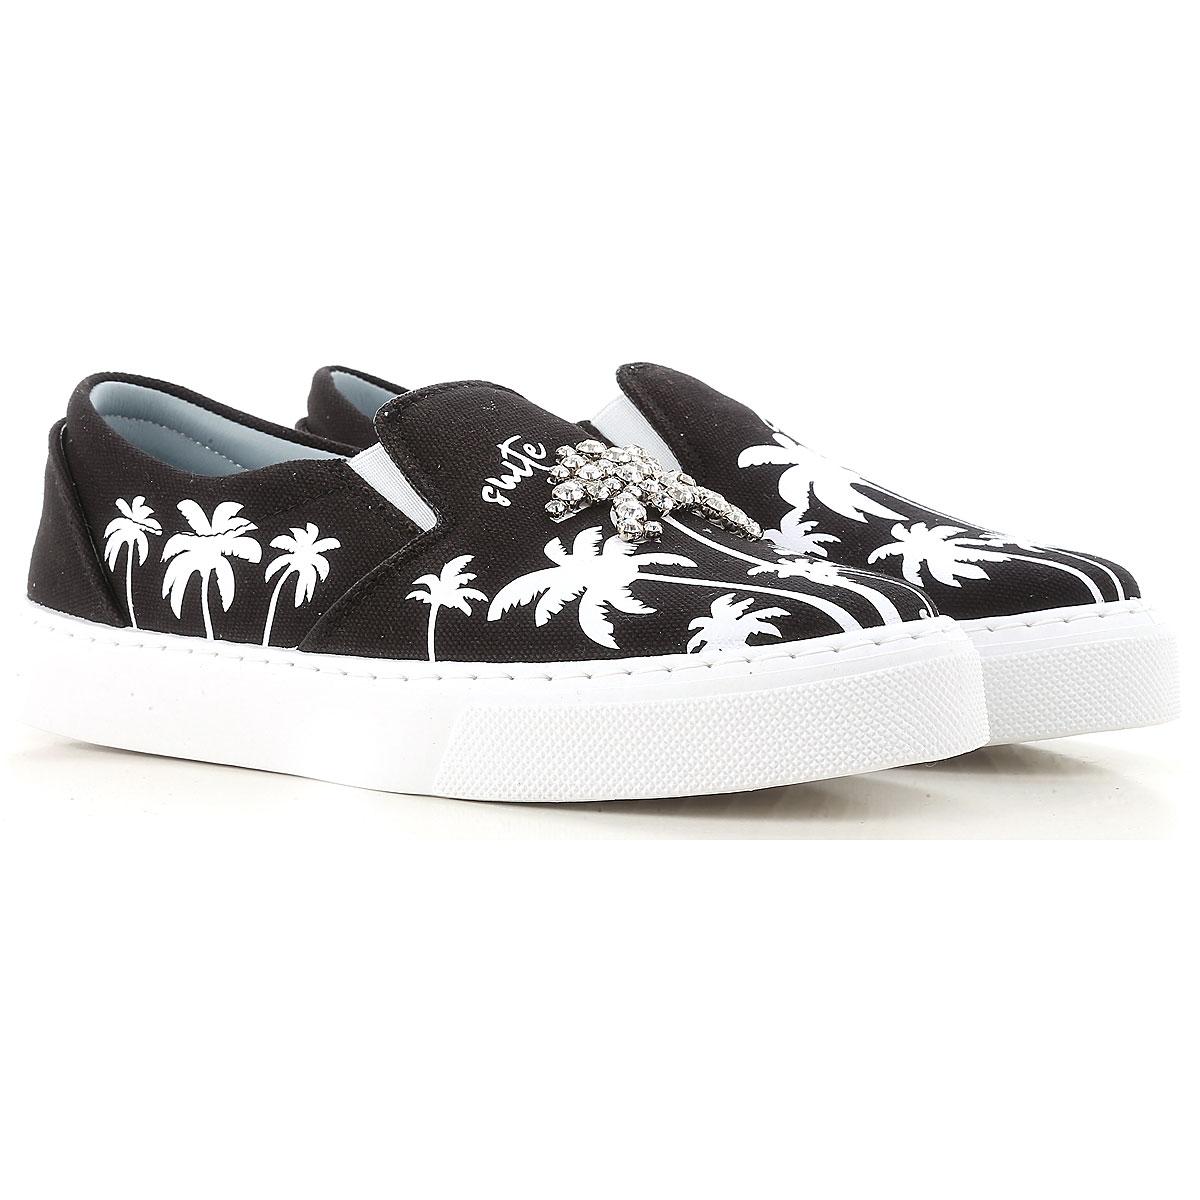 Chiara Ferragni Slip on Sneakers for Women On Sale in Outlet, Black, Canvas, 2019, 10 6 7 8 9